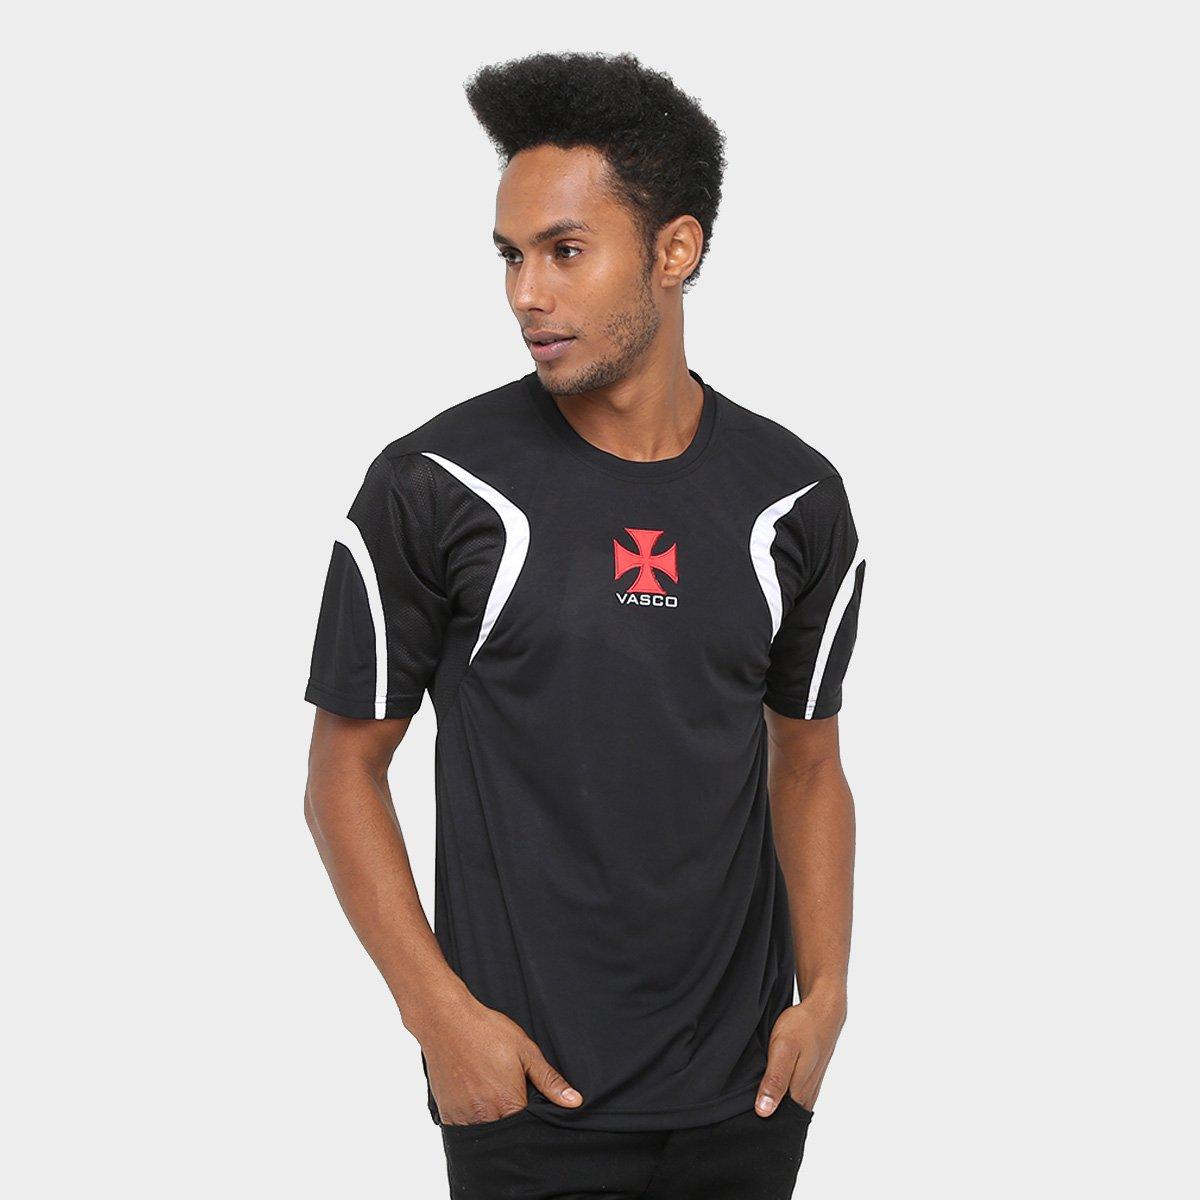 4af03ff47cd70 Camisa Vasco Cruz de Malta Masculina - Compre Agora